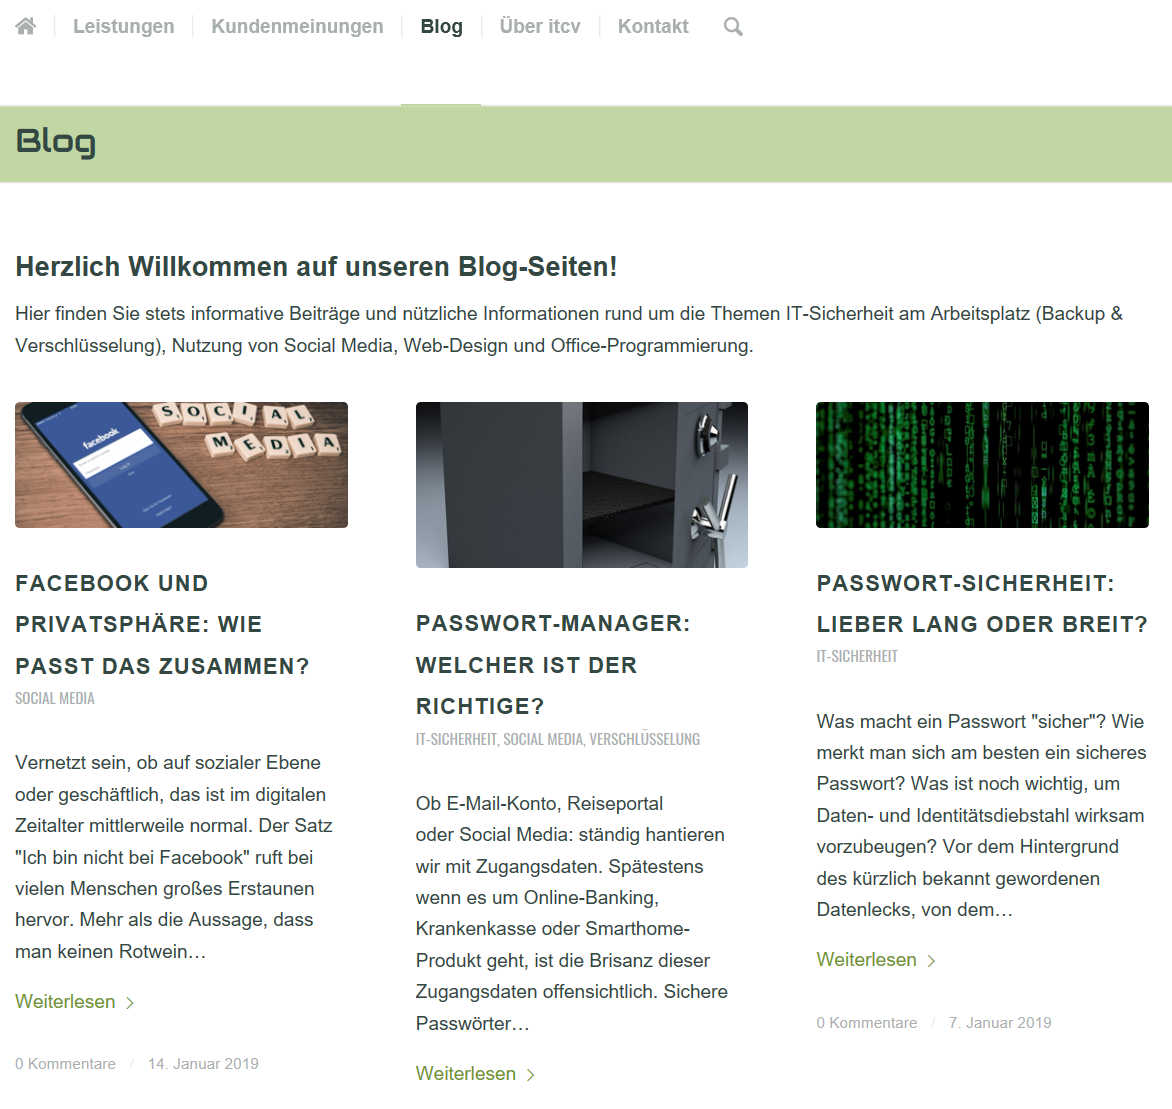 Umfassende und informative Beiträge rund um die Themen IT-Sicherheit, Backup ,Verschlüsselung, Web-Design und Office-Programmierung